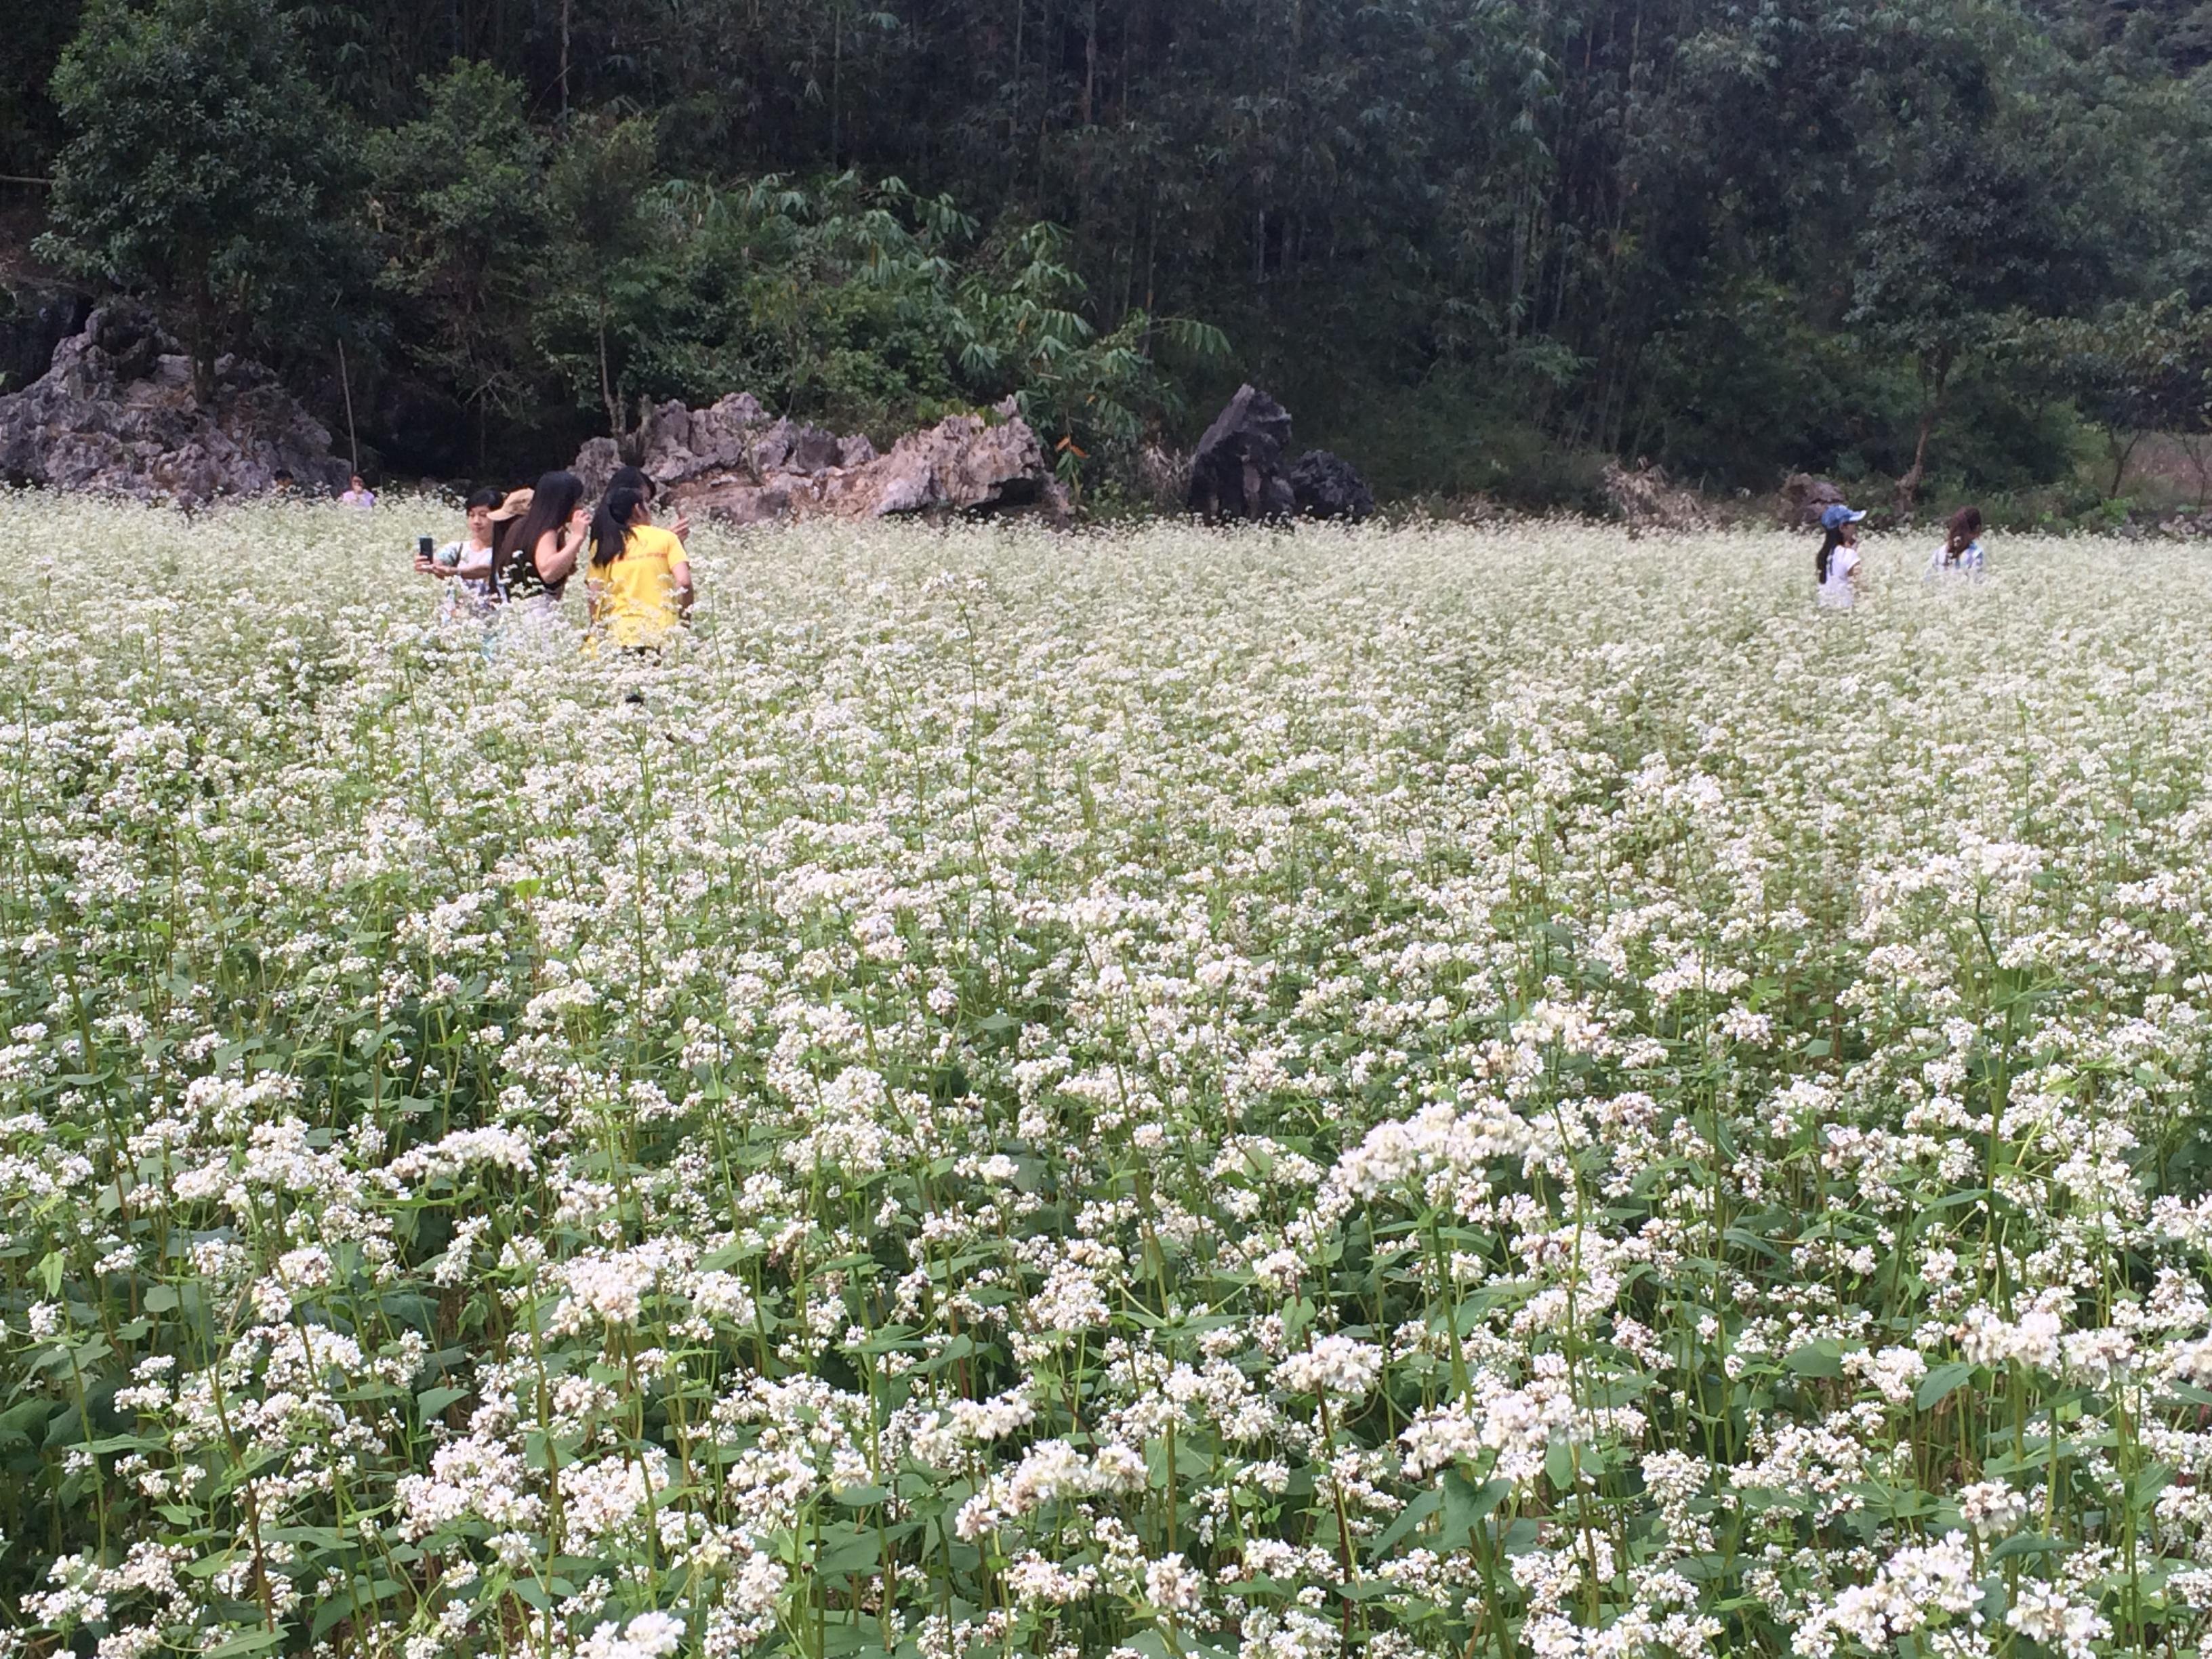 Chiêm ngưỡng hoa tam giác mạch trắng ở Lạng Sơn 2